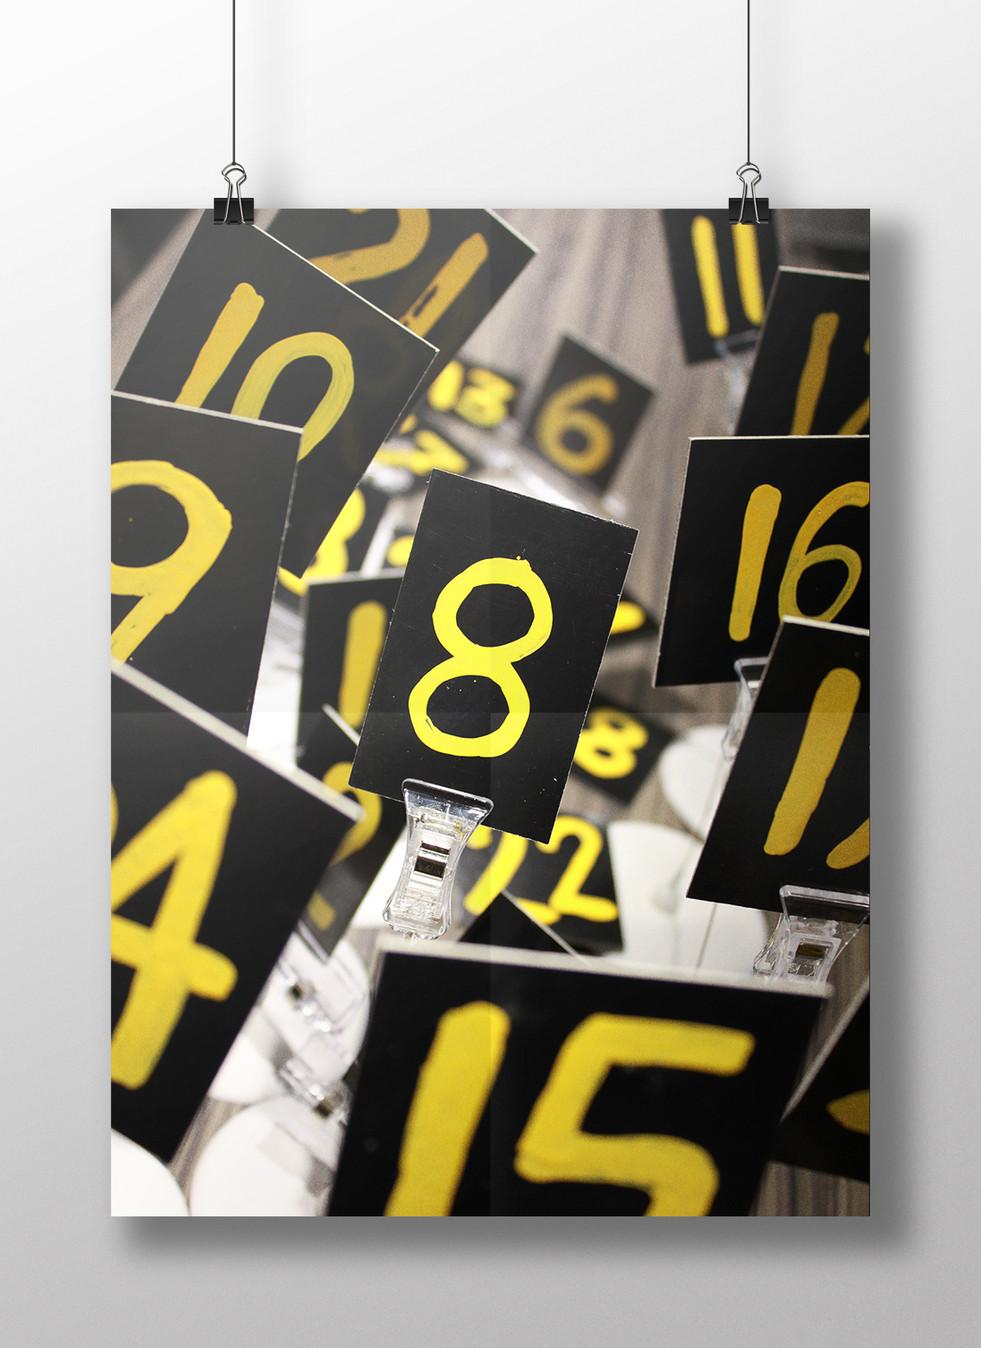 NumberEightcafe